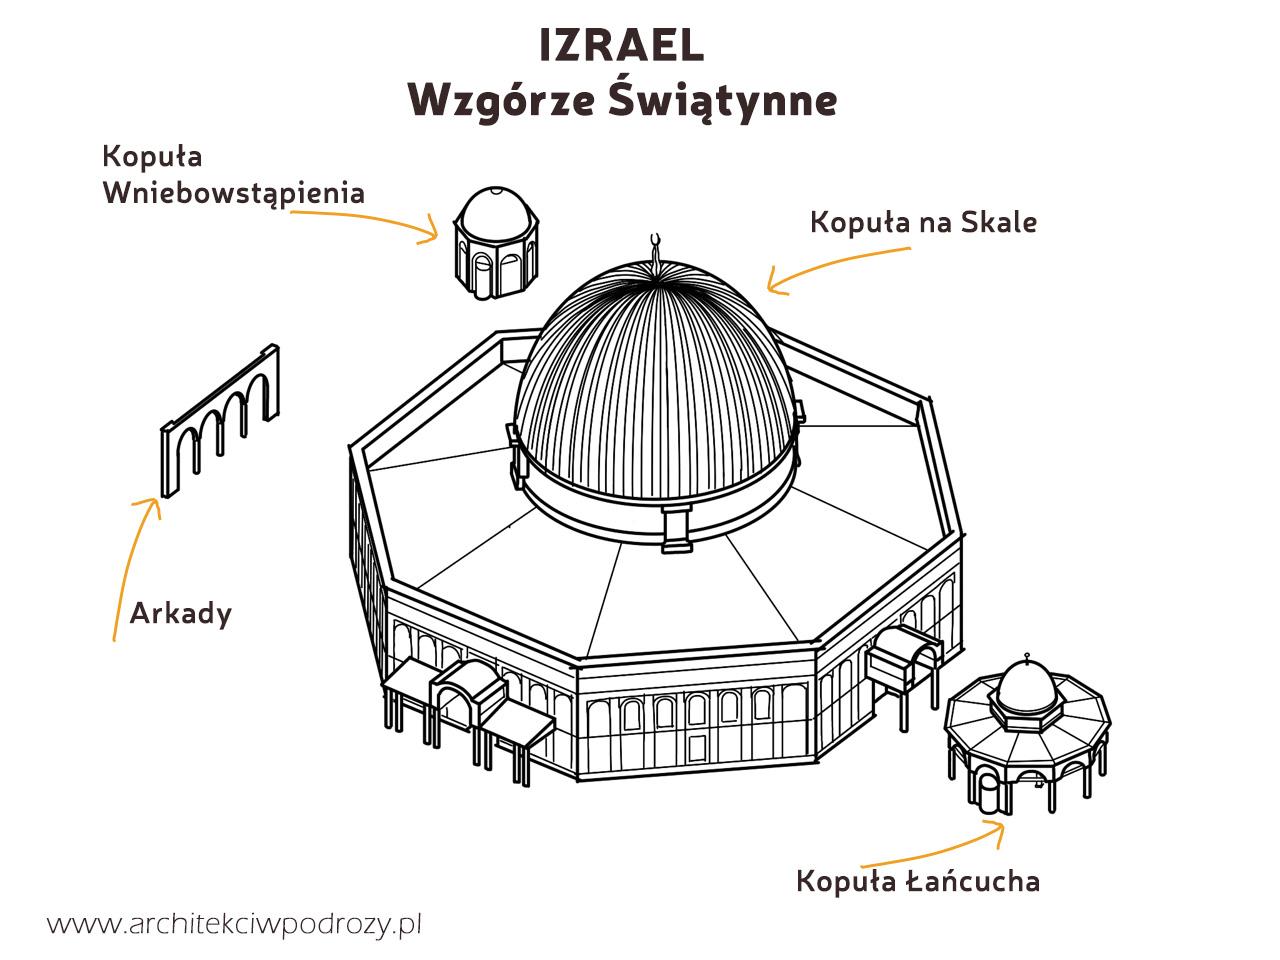 02 IZRAEL szkic - Izrael